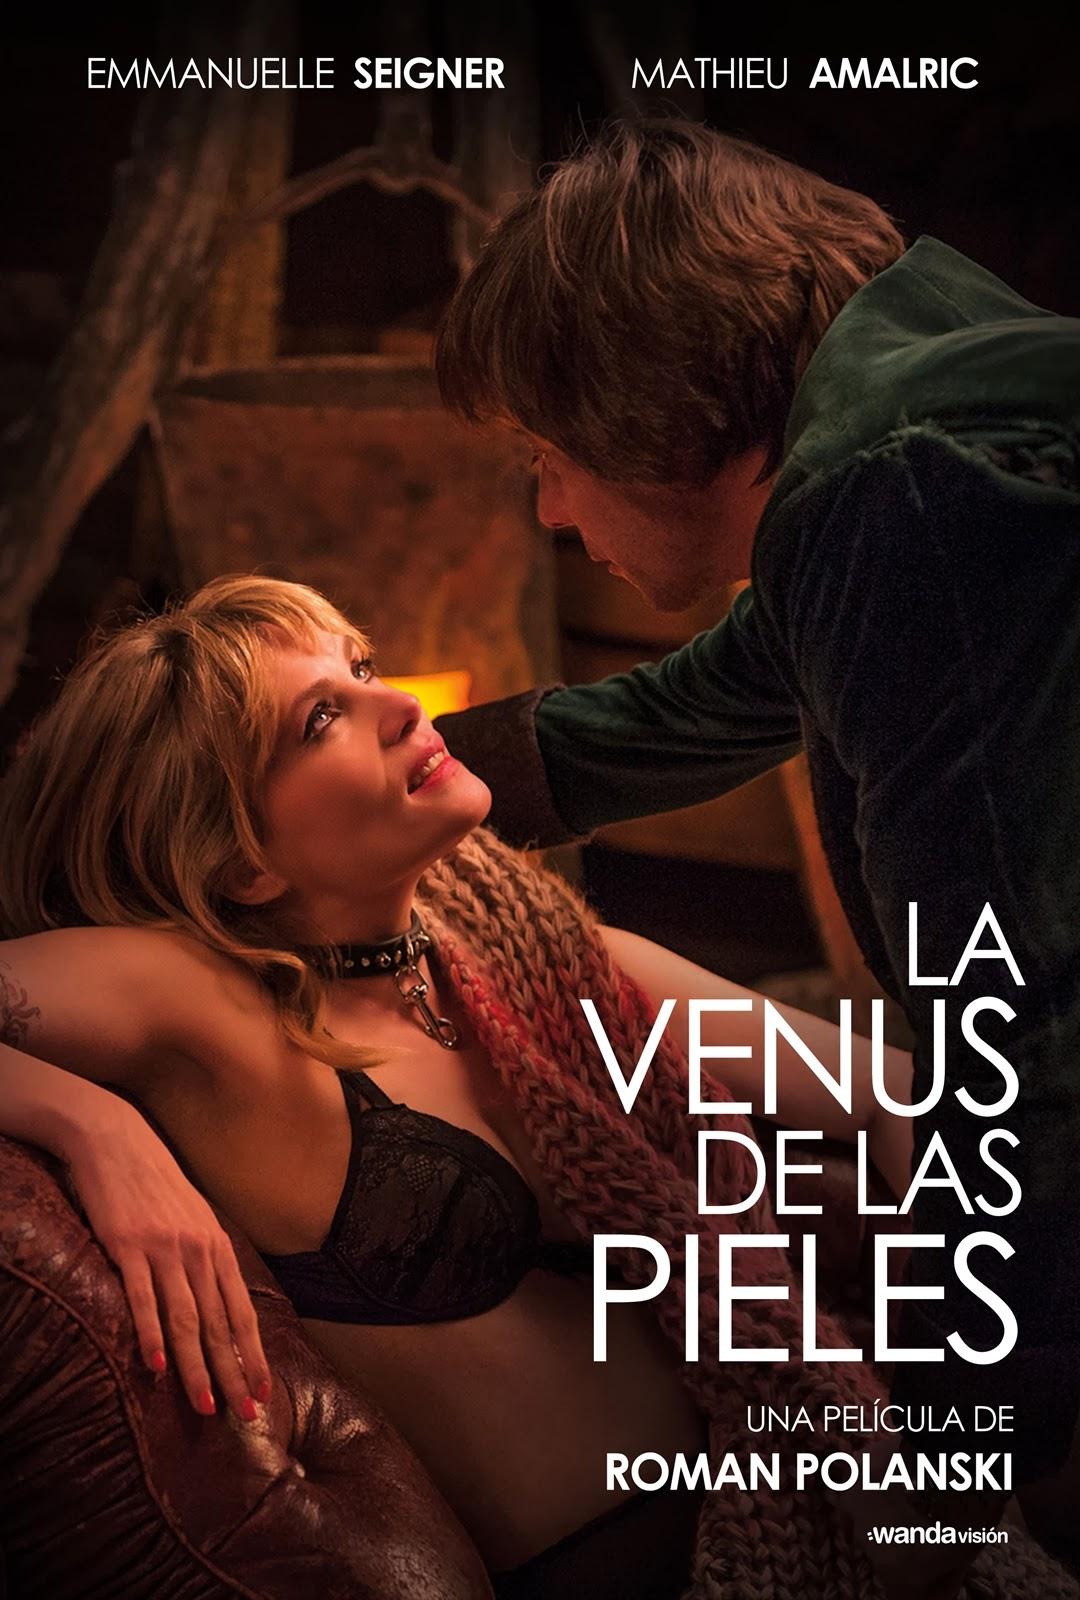 La venus de las pieles, dirigida por Roman Polanski